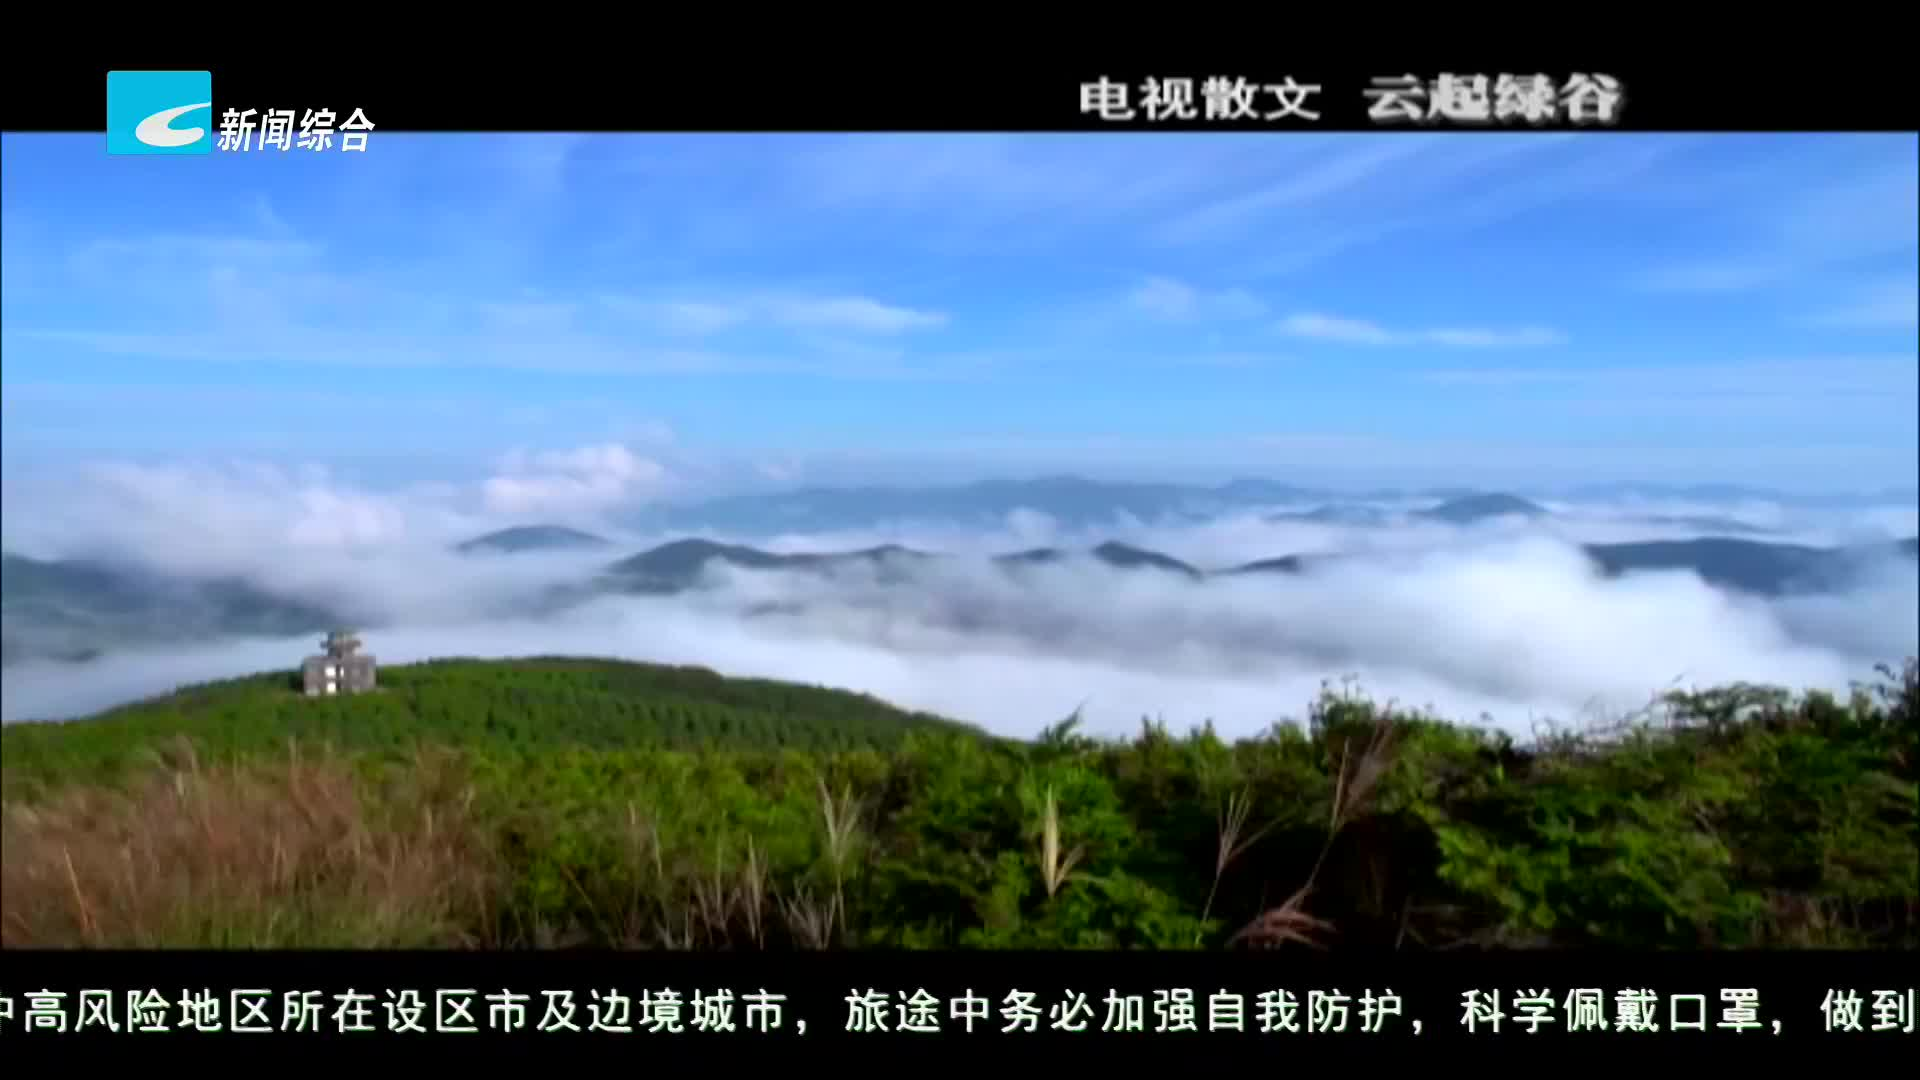 【绿谷采风】电视散文 云起绿谷